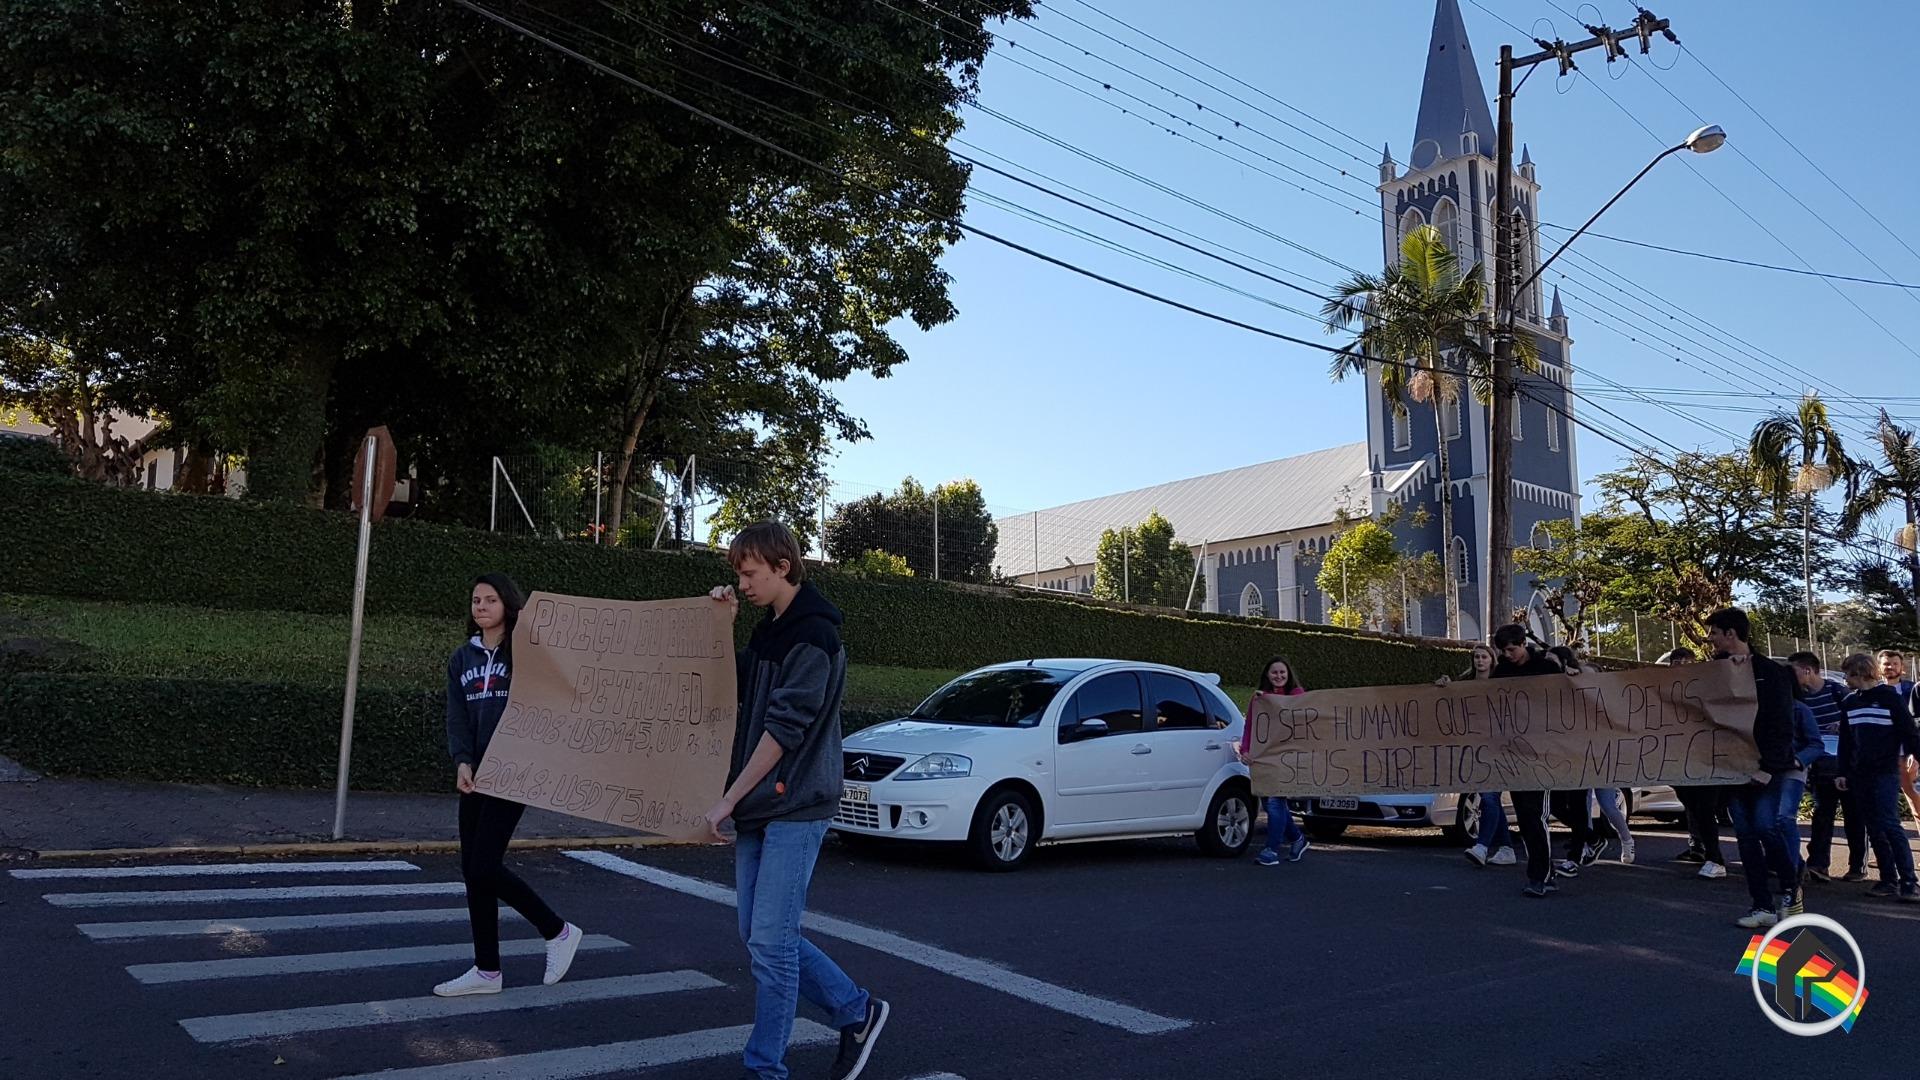 Vídeo - Alunos aderem a greve e reivindicam a baixa do combustível em Itapiranga